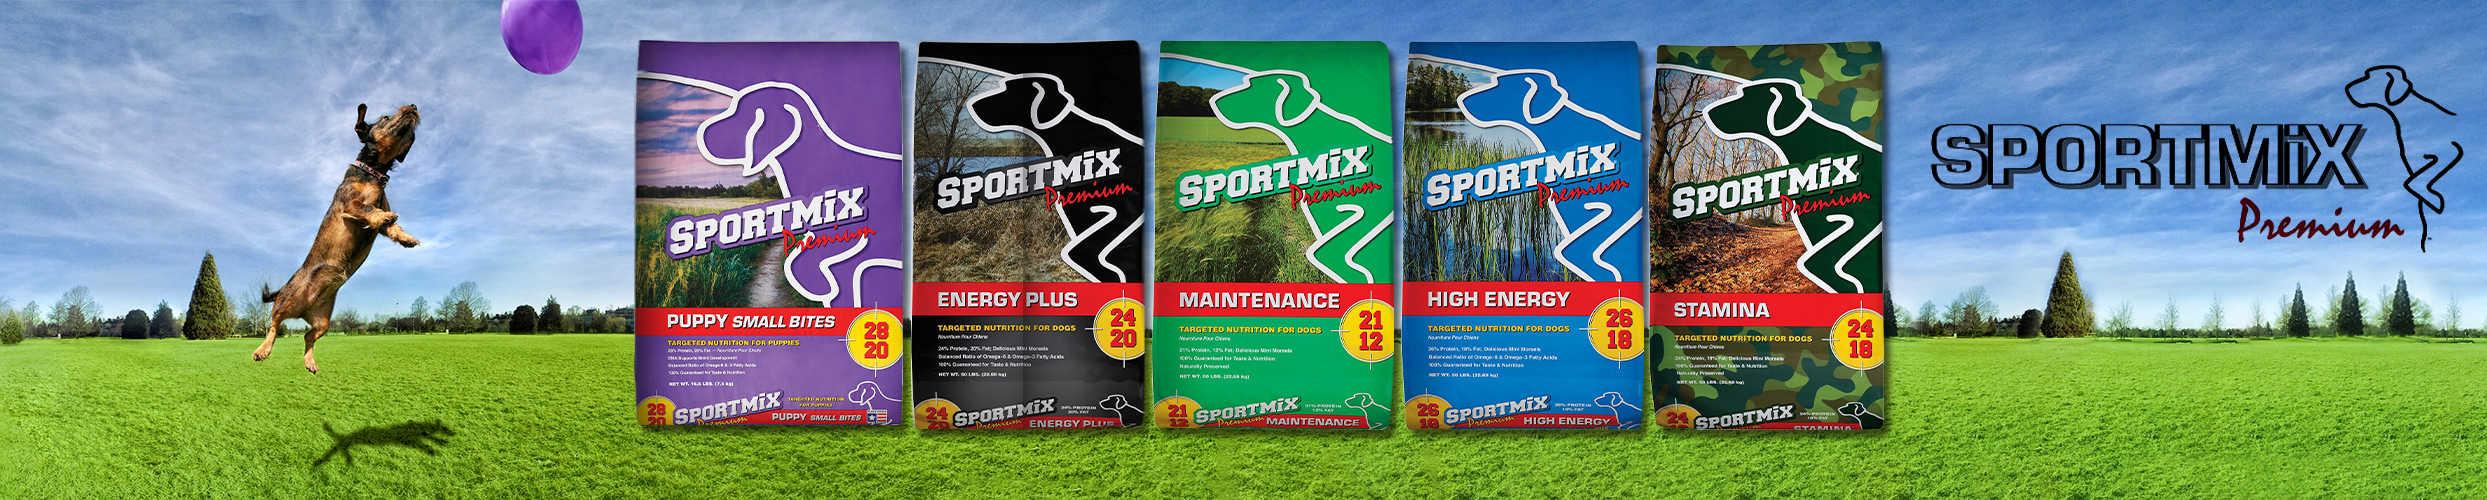 Sportmix Premium